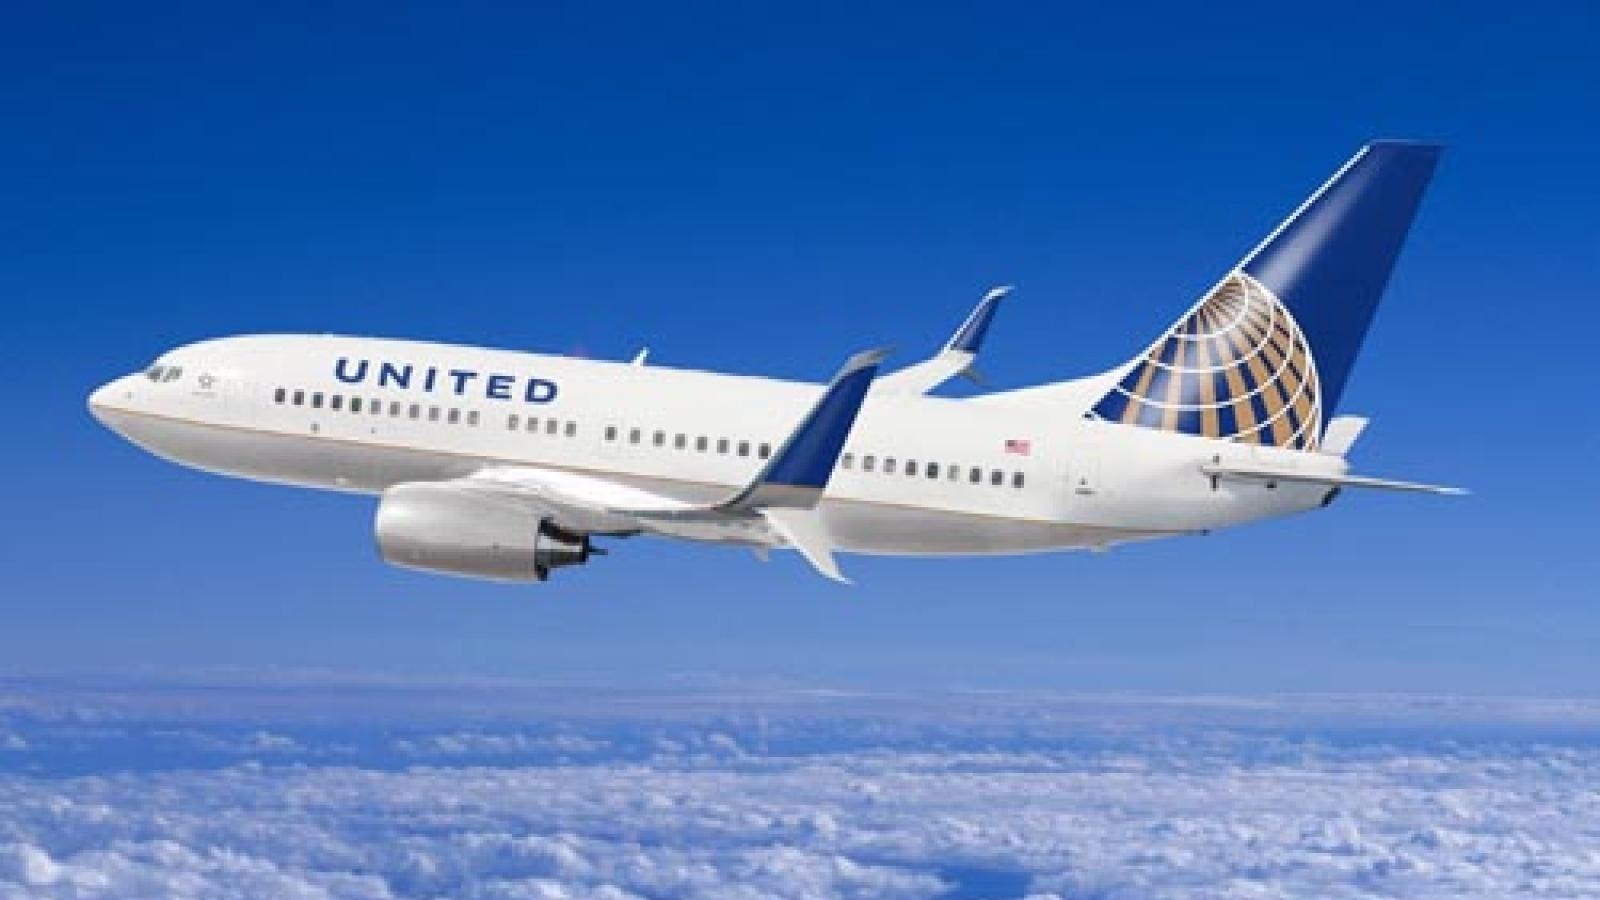 Hãng hàng không Delta của Mỹ có thể phải cho 1.900 phi công nghỉ phép